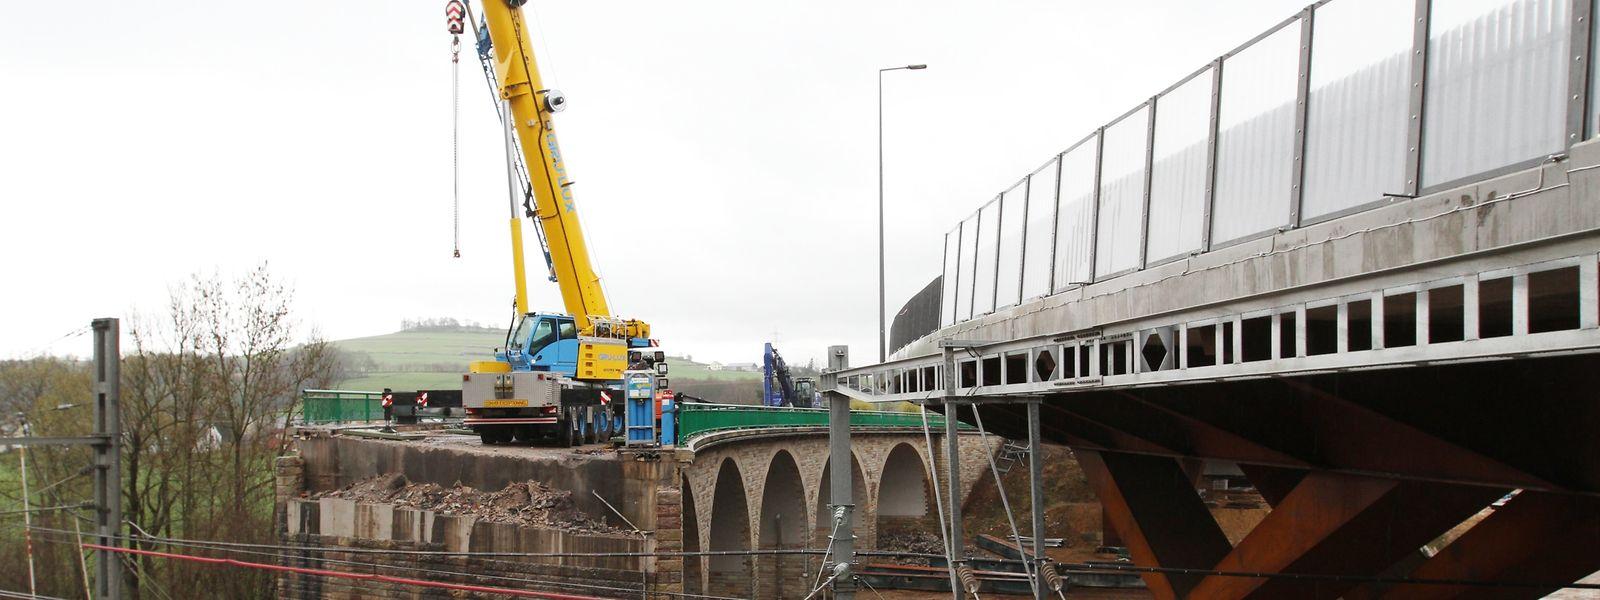 In den kommenden Wochen wird die 70 Jahre alte Sauerbrücke mit ihren schönen Rundbögen abgerissen.